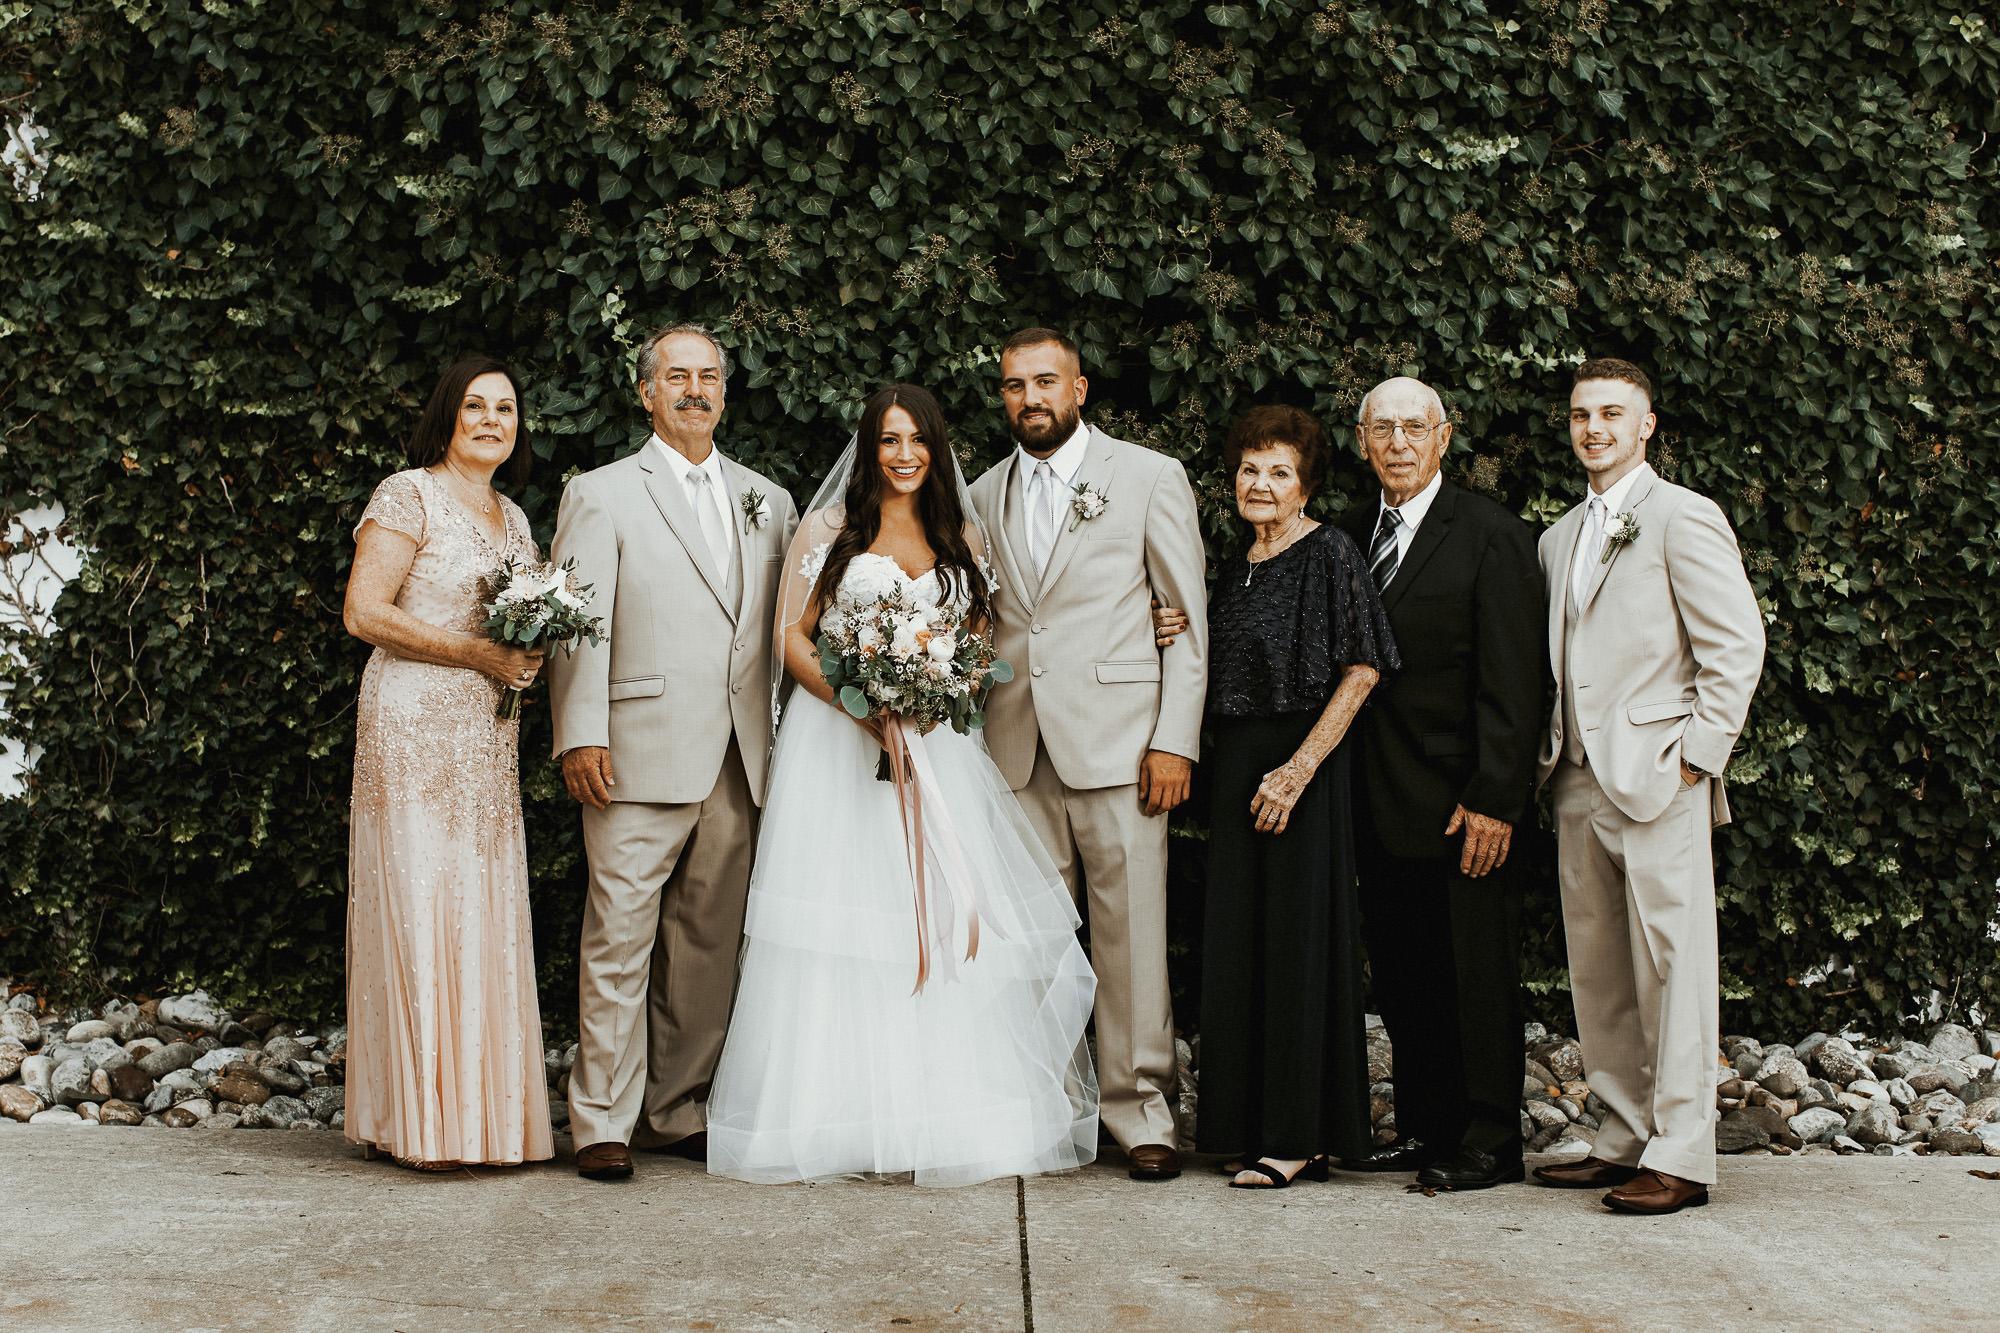 Our Wedding Photos | Pine Barren Beauty